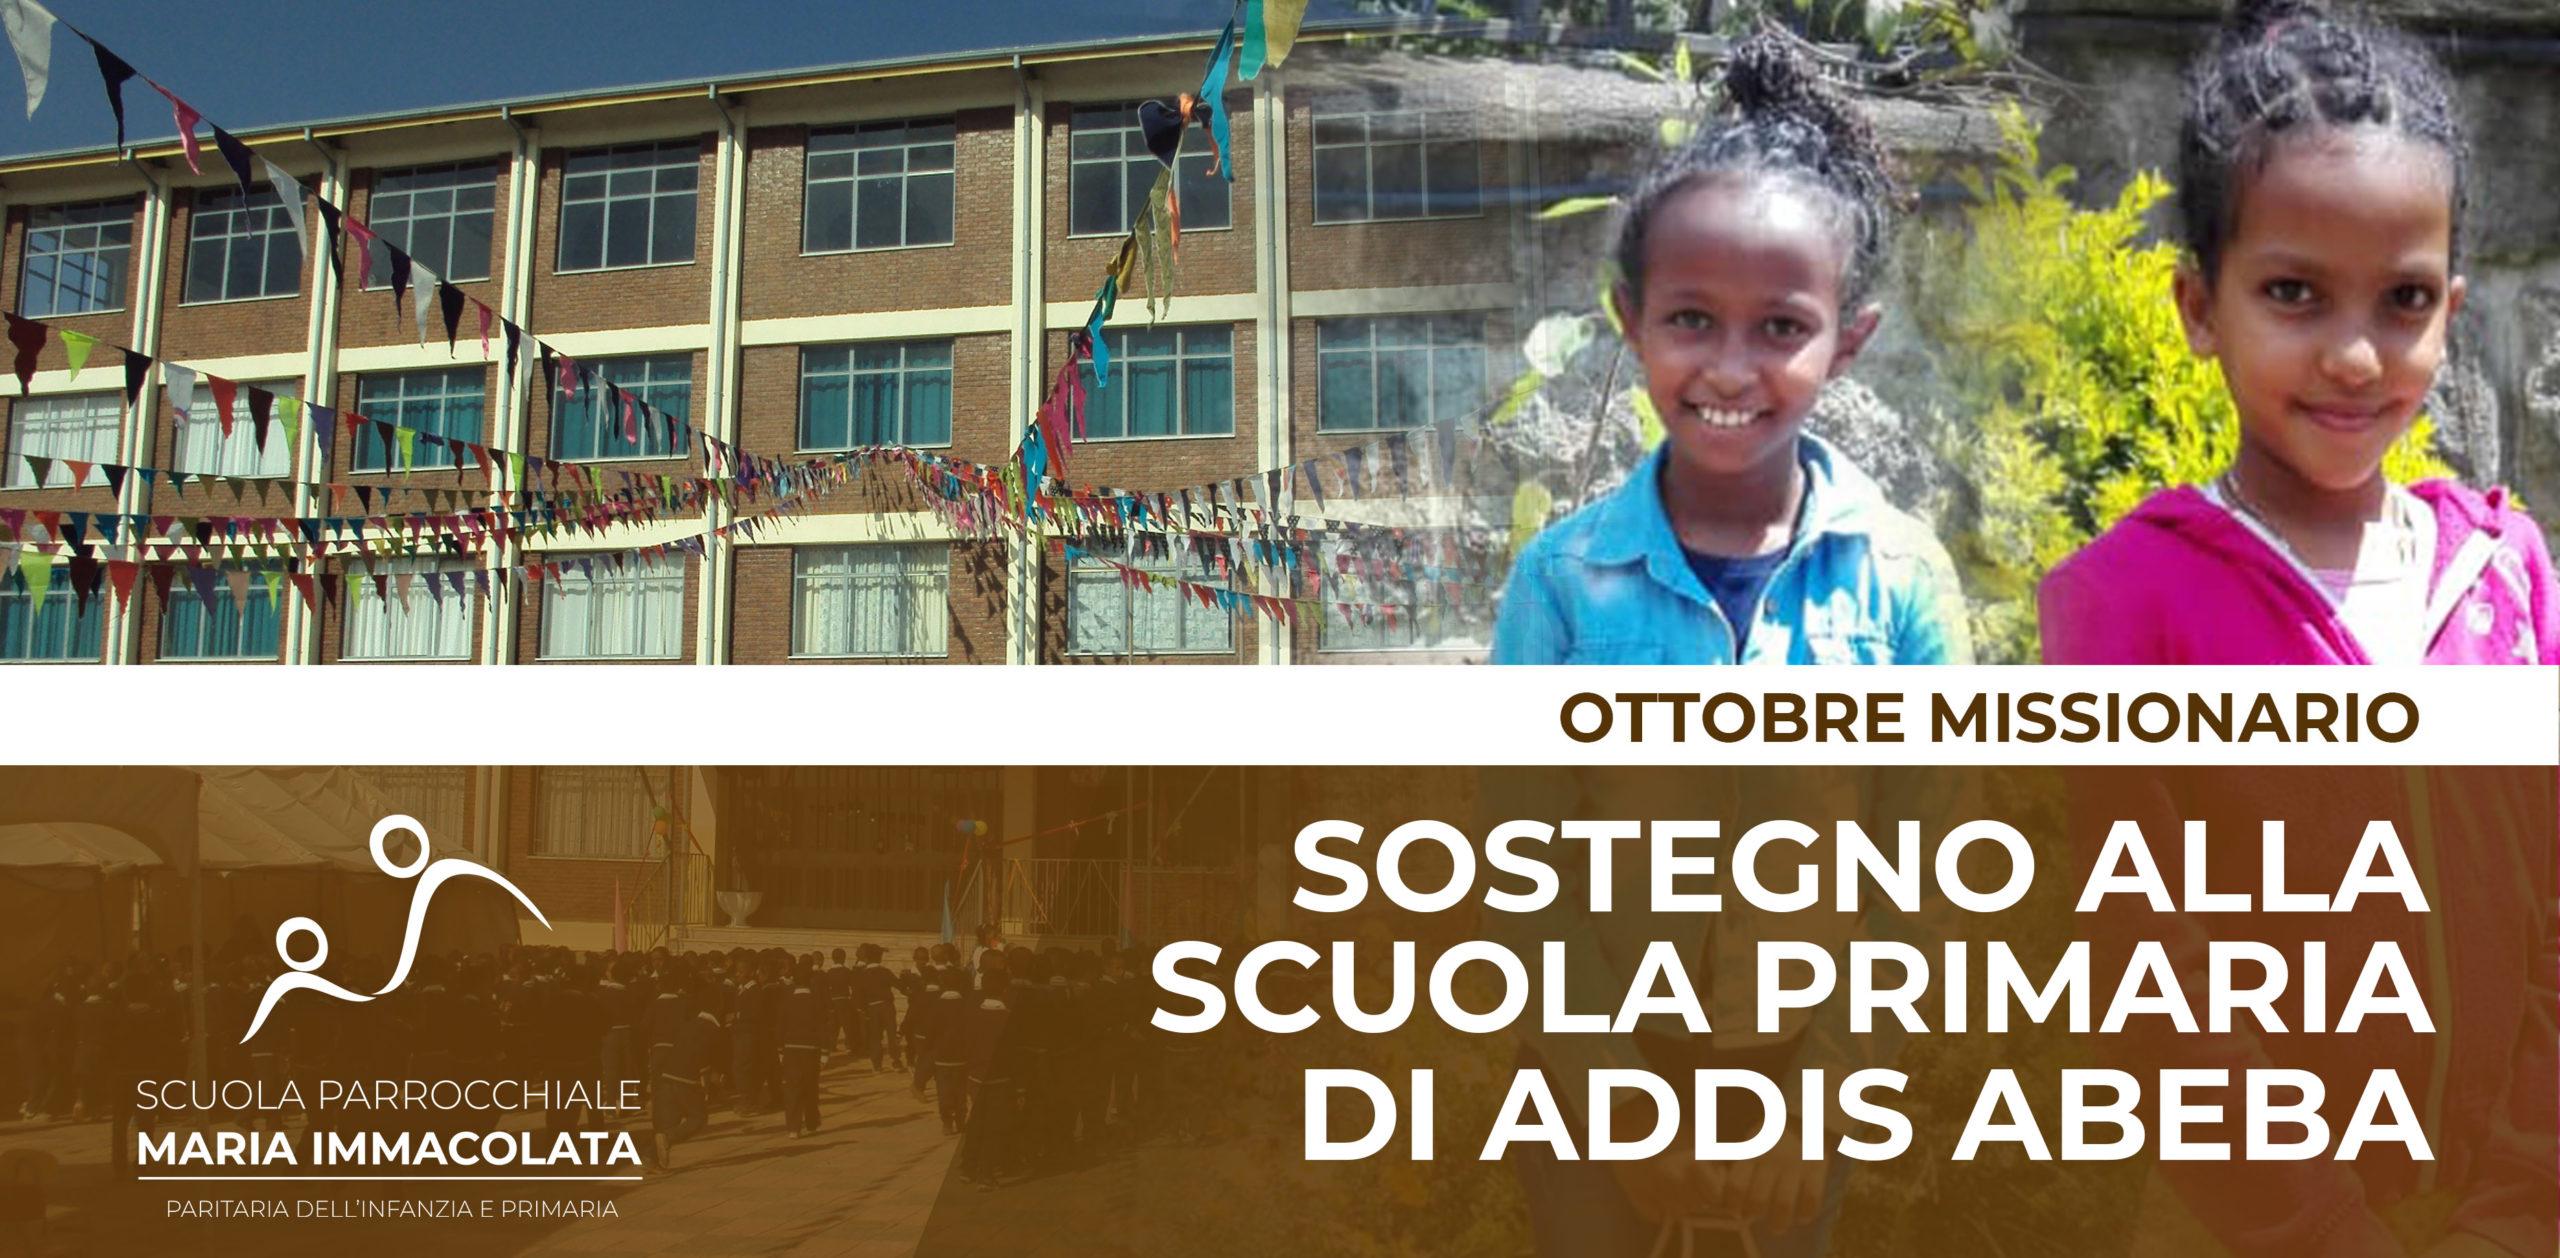 Ottobre missionario 2020: sostegno a due bambine di Addis Abeba (Etiopia)